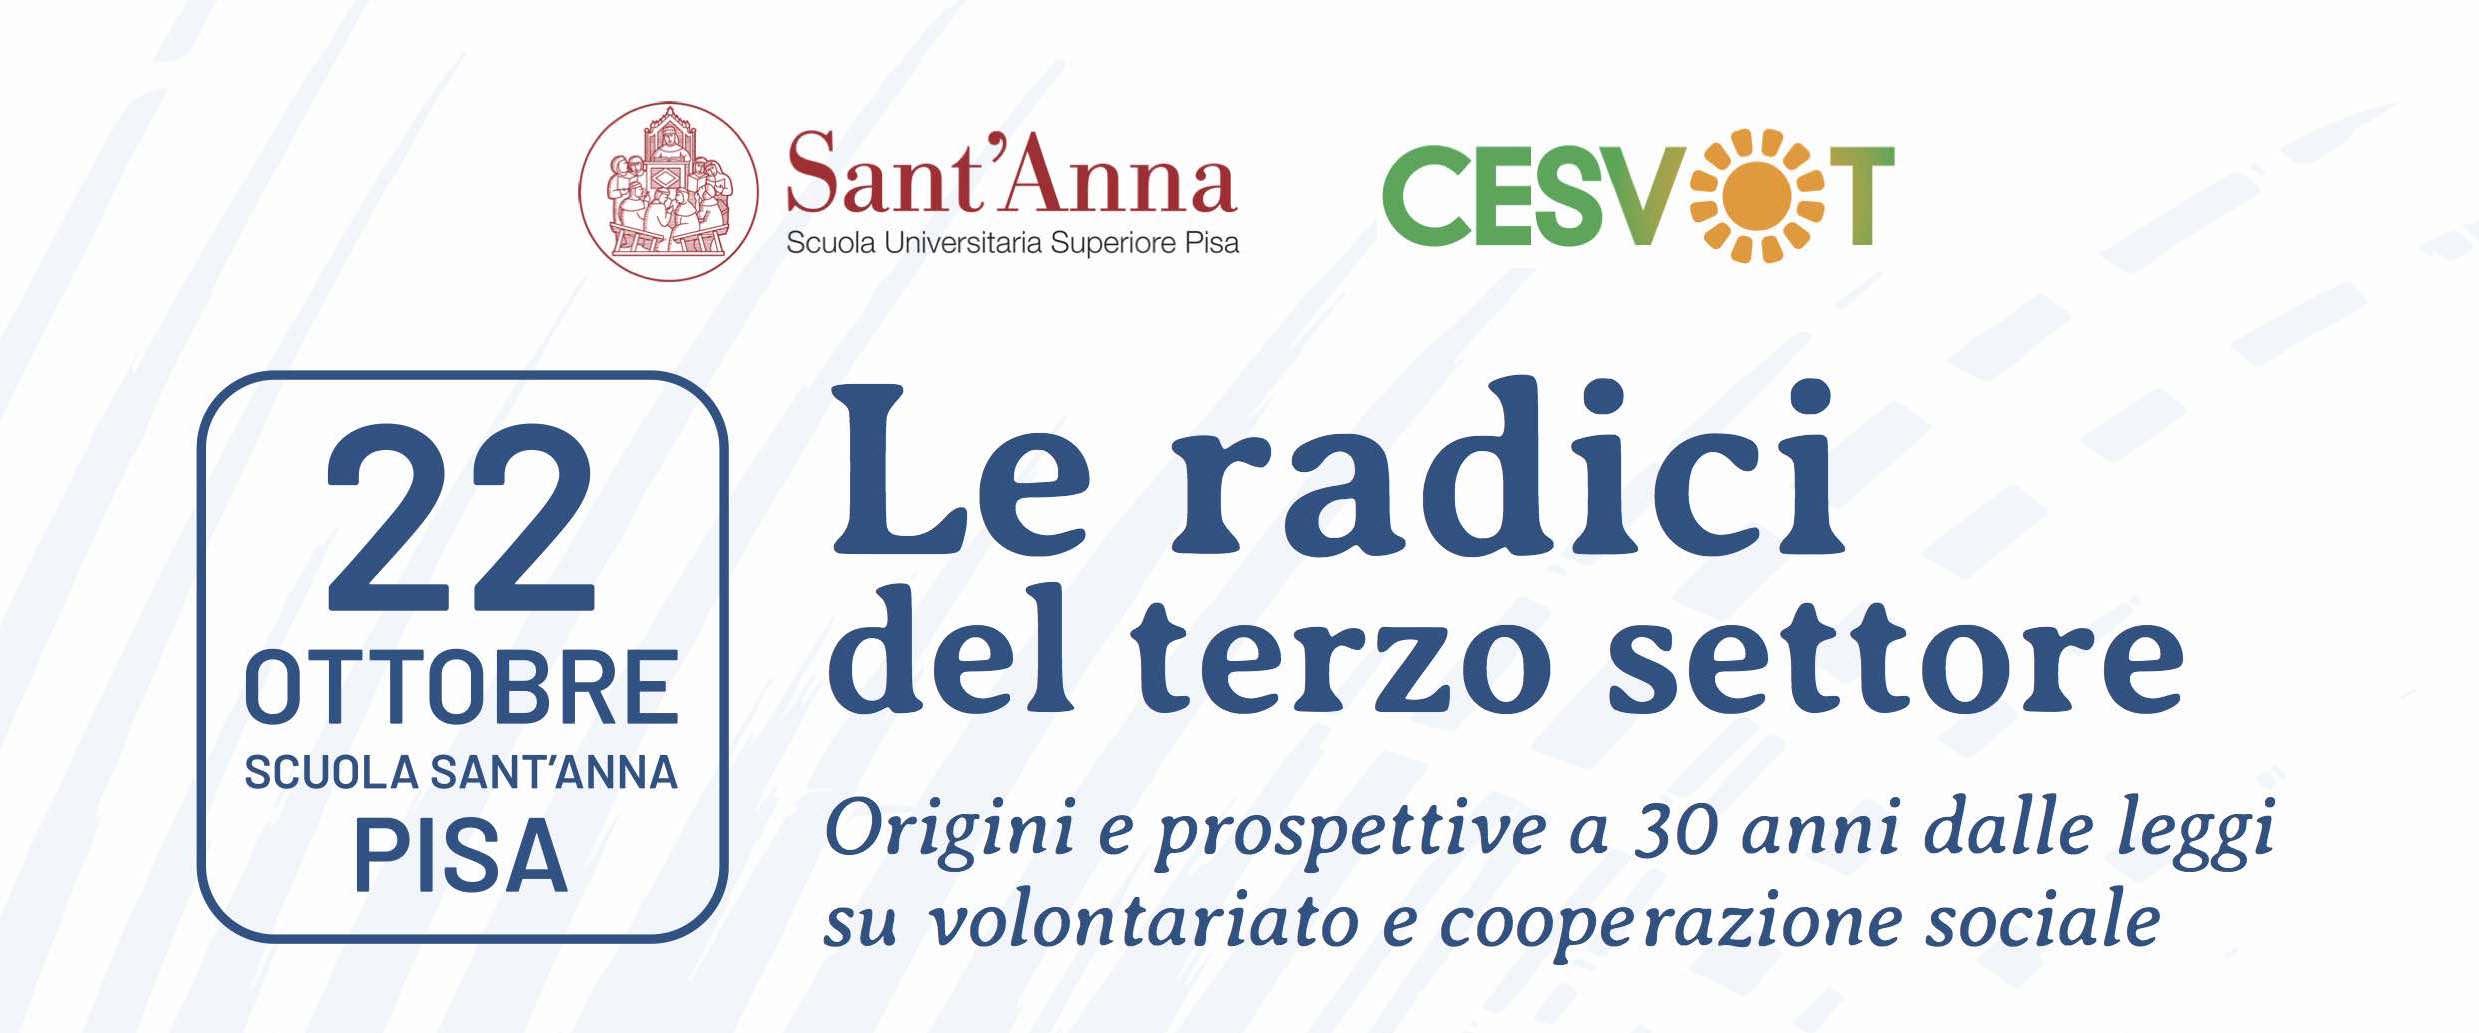 """Scuola Sant'Anna di Pisa, convegno """"Le radici del terzo settore"""" 22 ottobre 2021"""